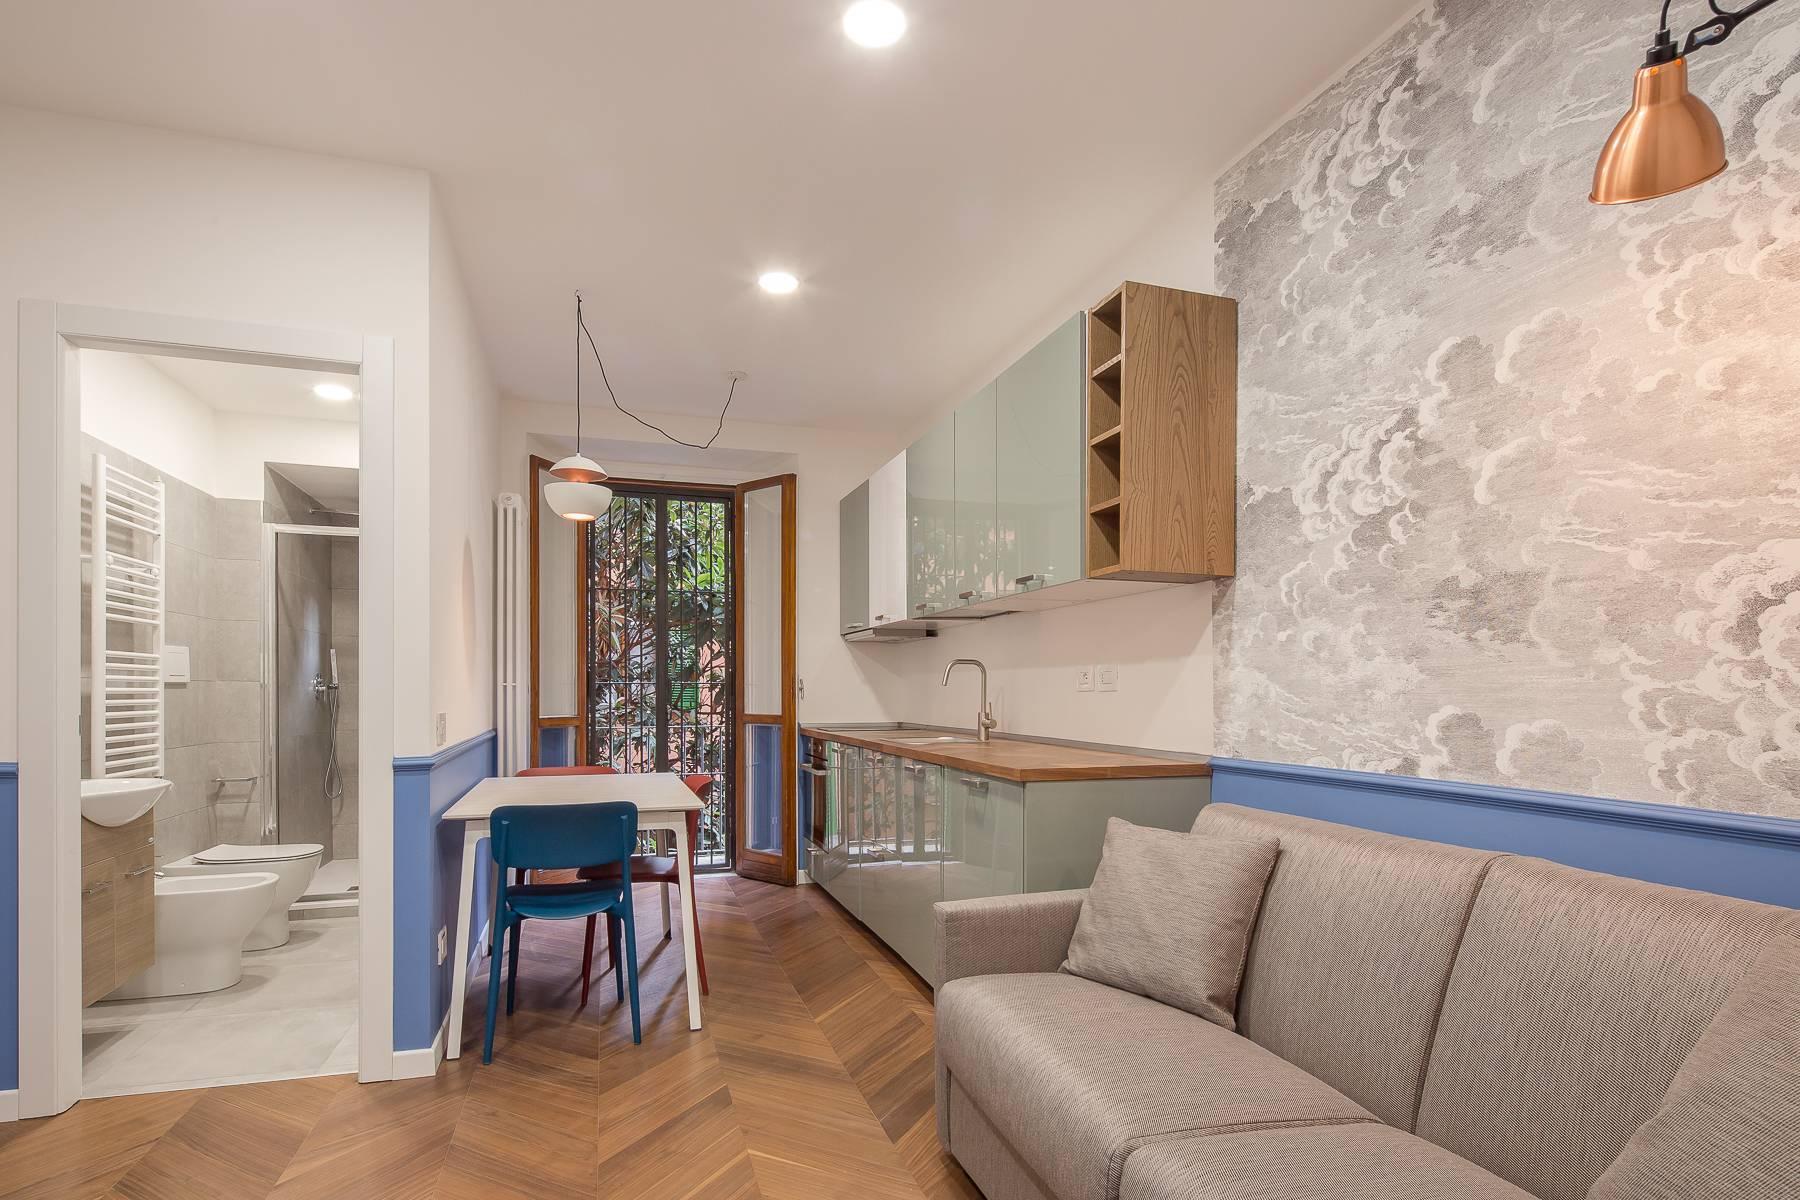 Elegante renovierte Zwei-Zimmer-Wohnung in Brera - 8